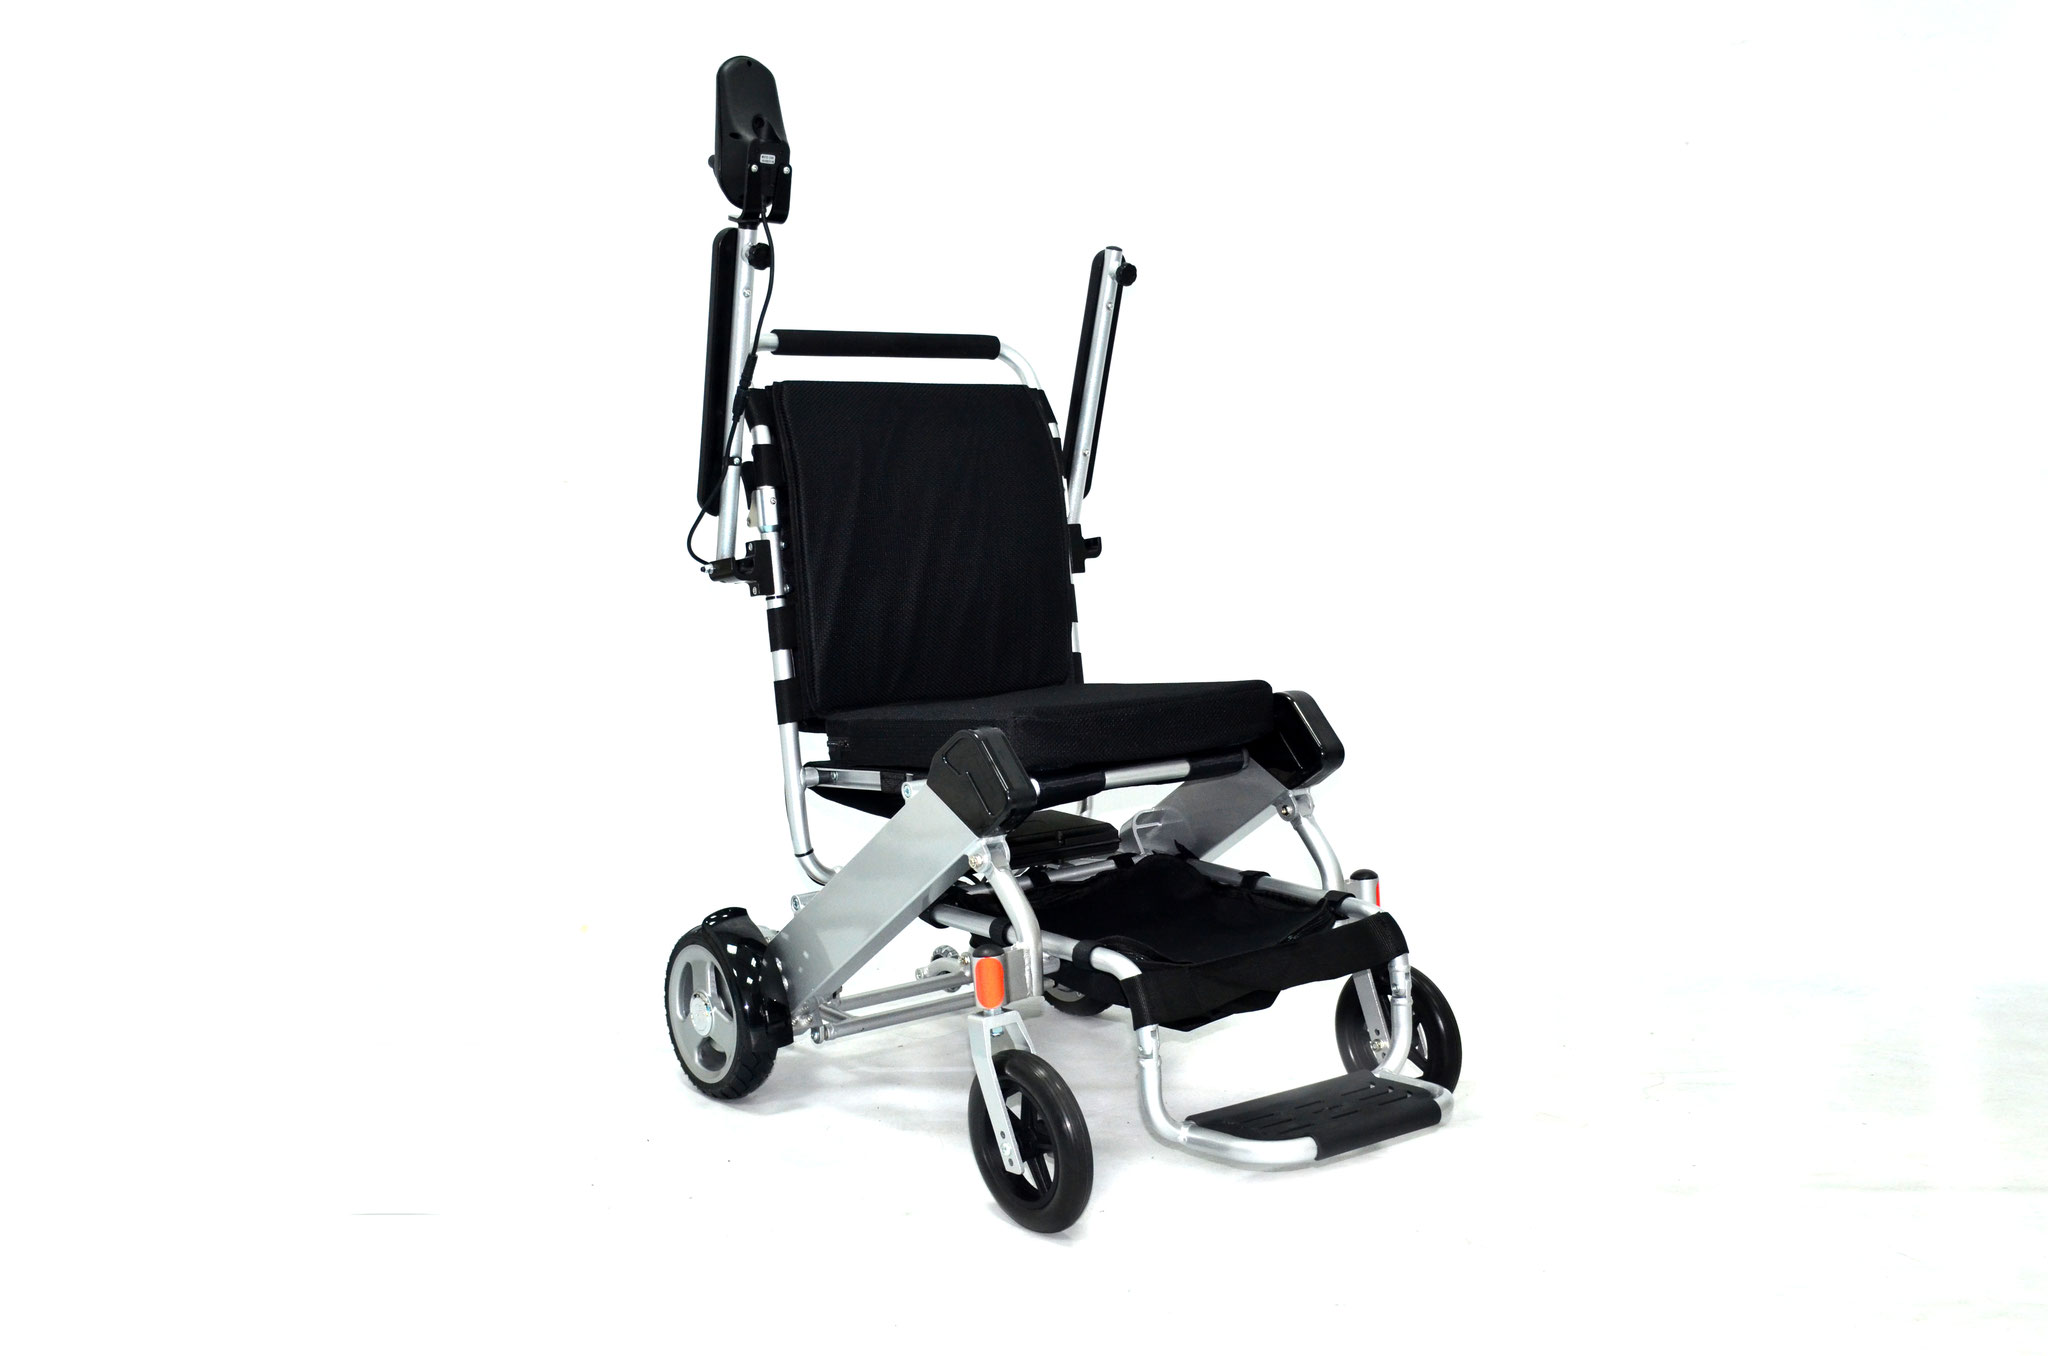 Die Armlehnen lassen sich nach oben klappen. Der Einstieg in den Rollstuhl erfolgt von der Seite.